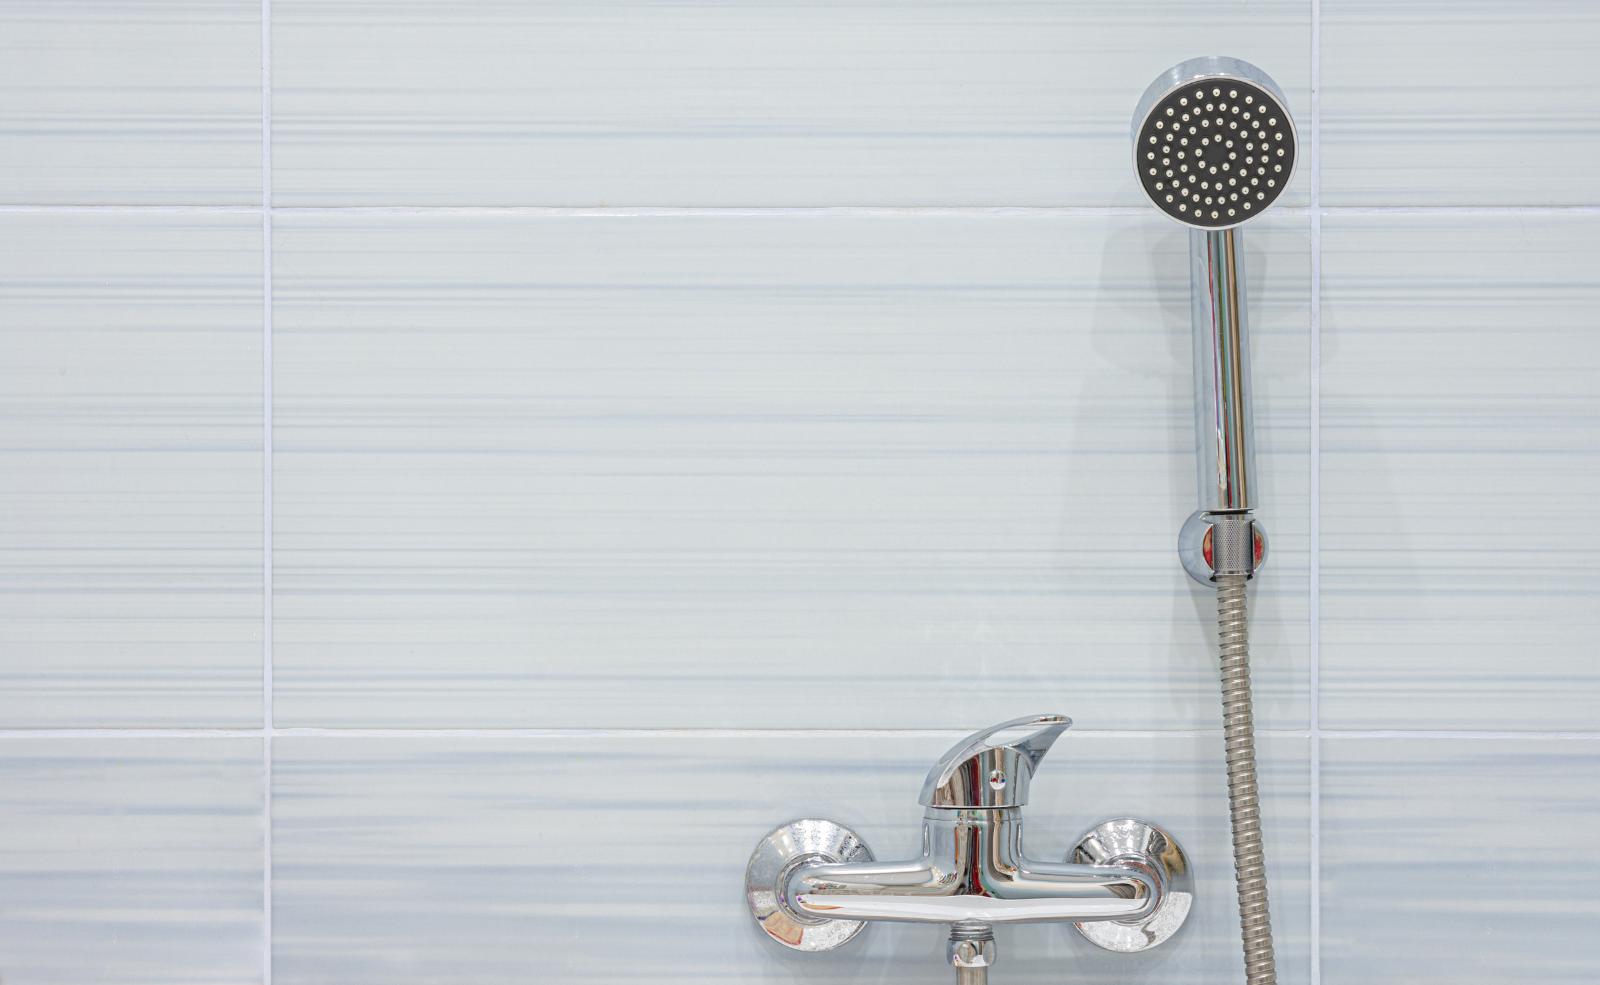 Mischbatterie in der Dusche tropft: Was tun?